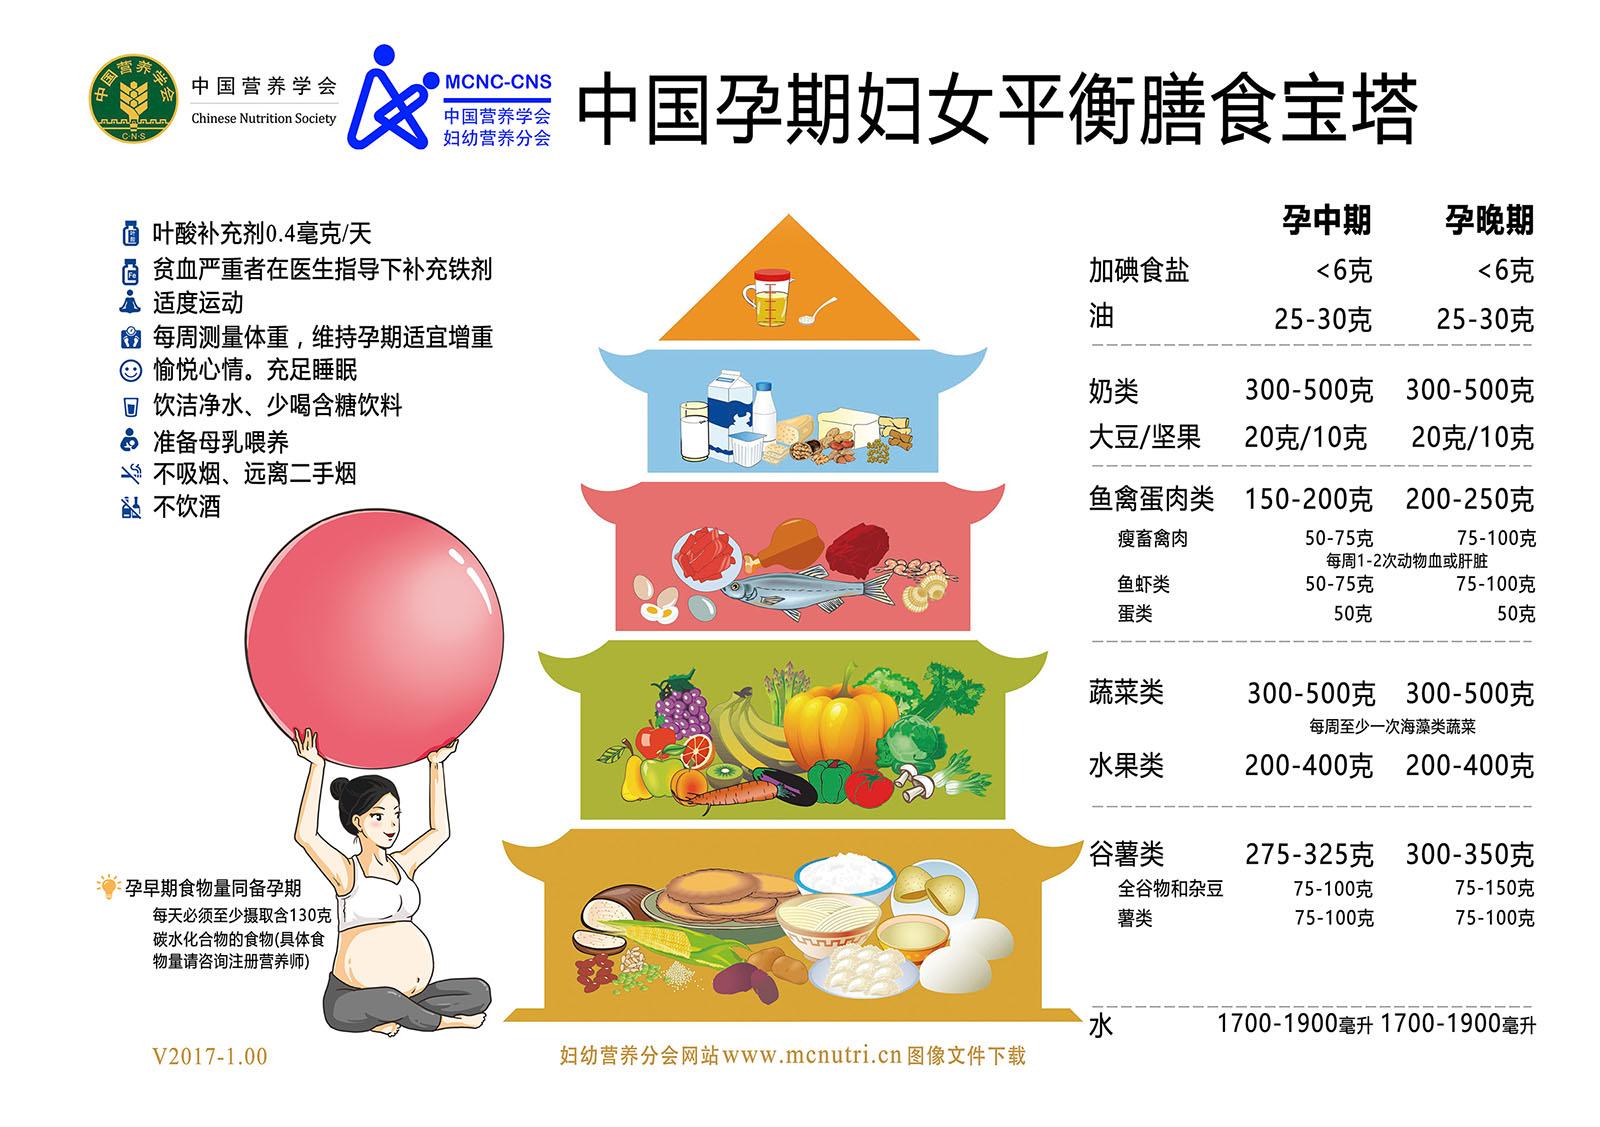 妇幼人群平衡膳食宝塔 助力 健康中国,营养先行